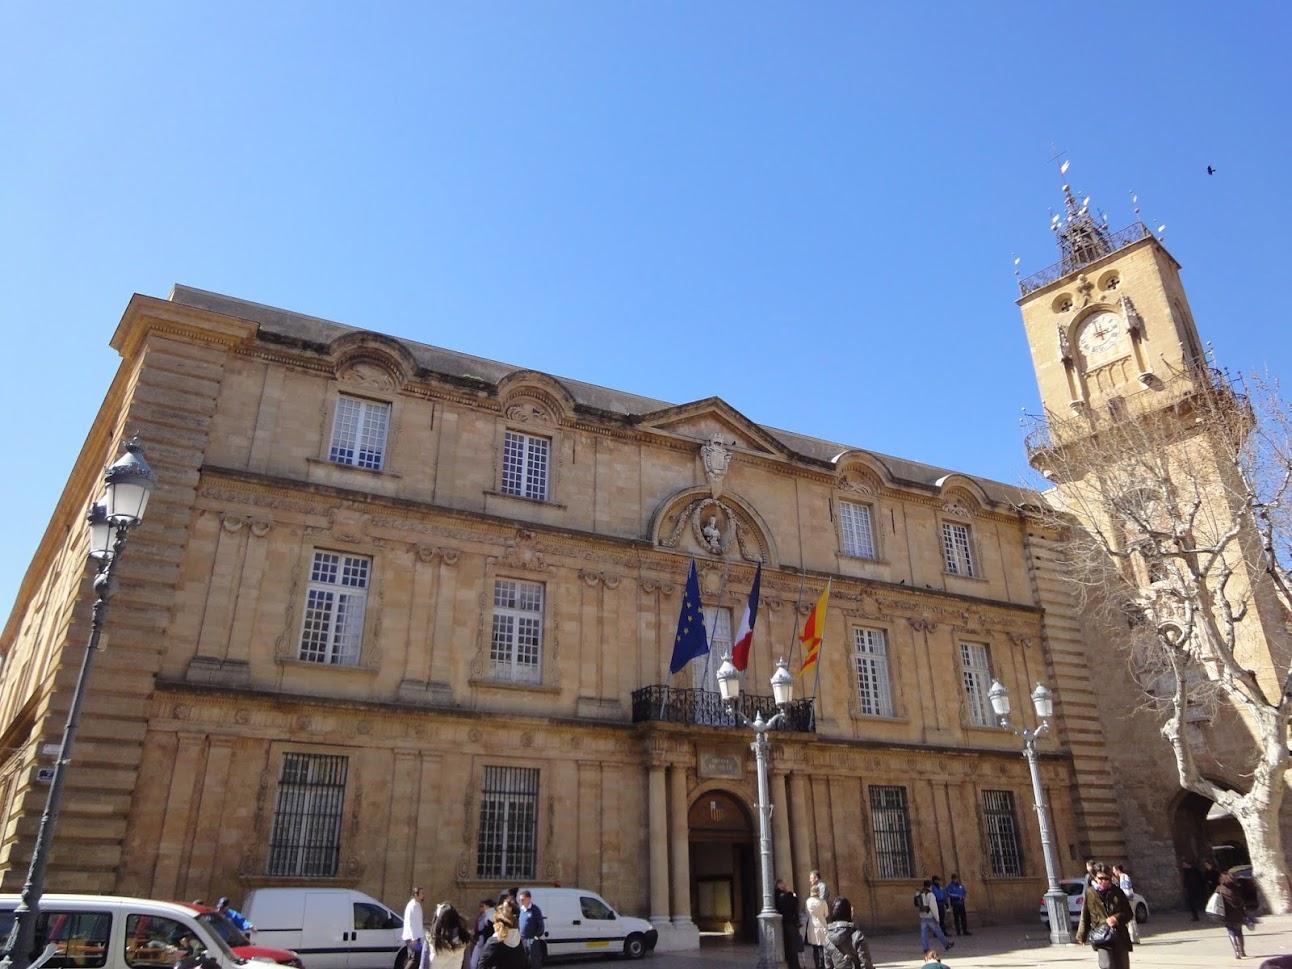 Hôtel de ville d'Aix-en-Provence